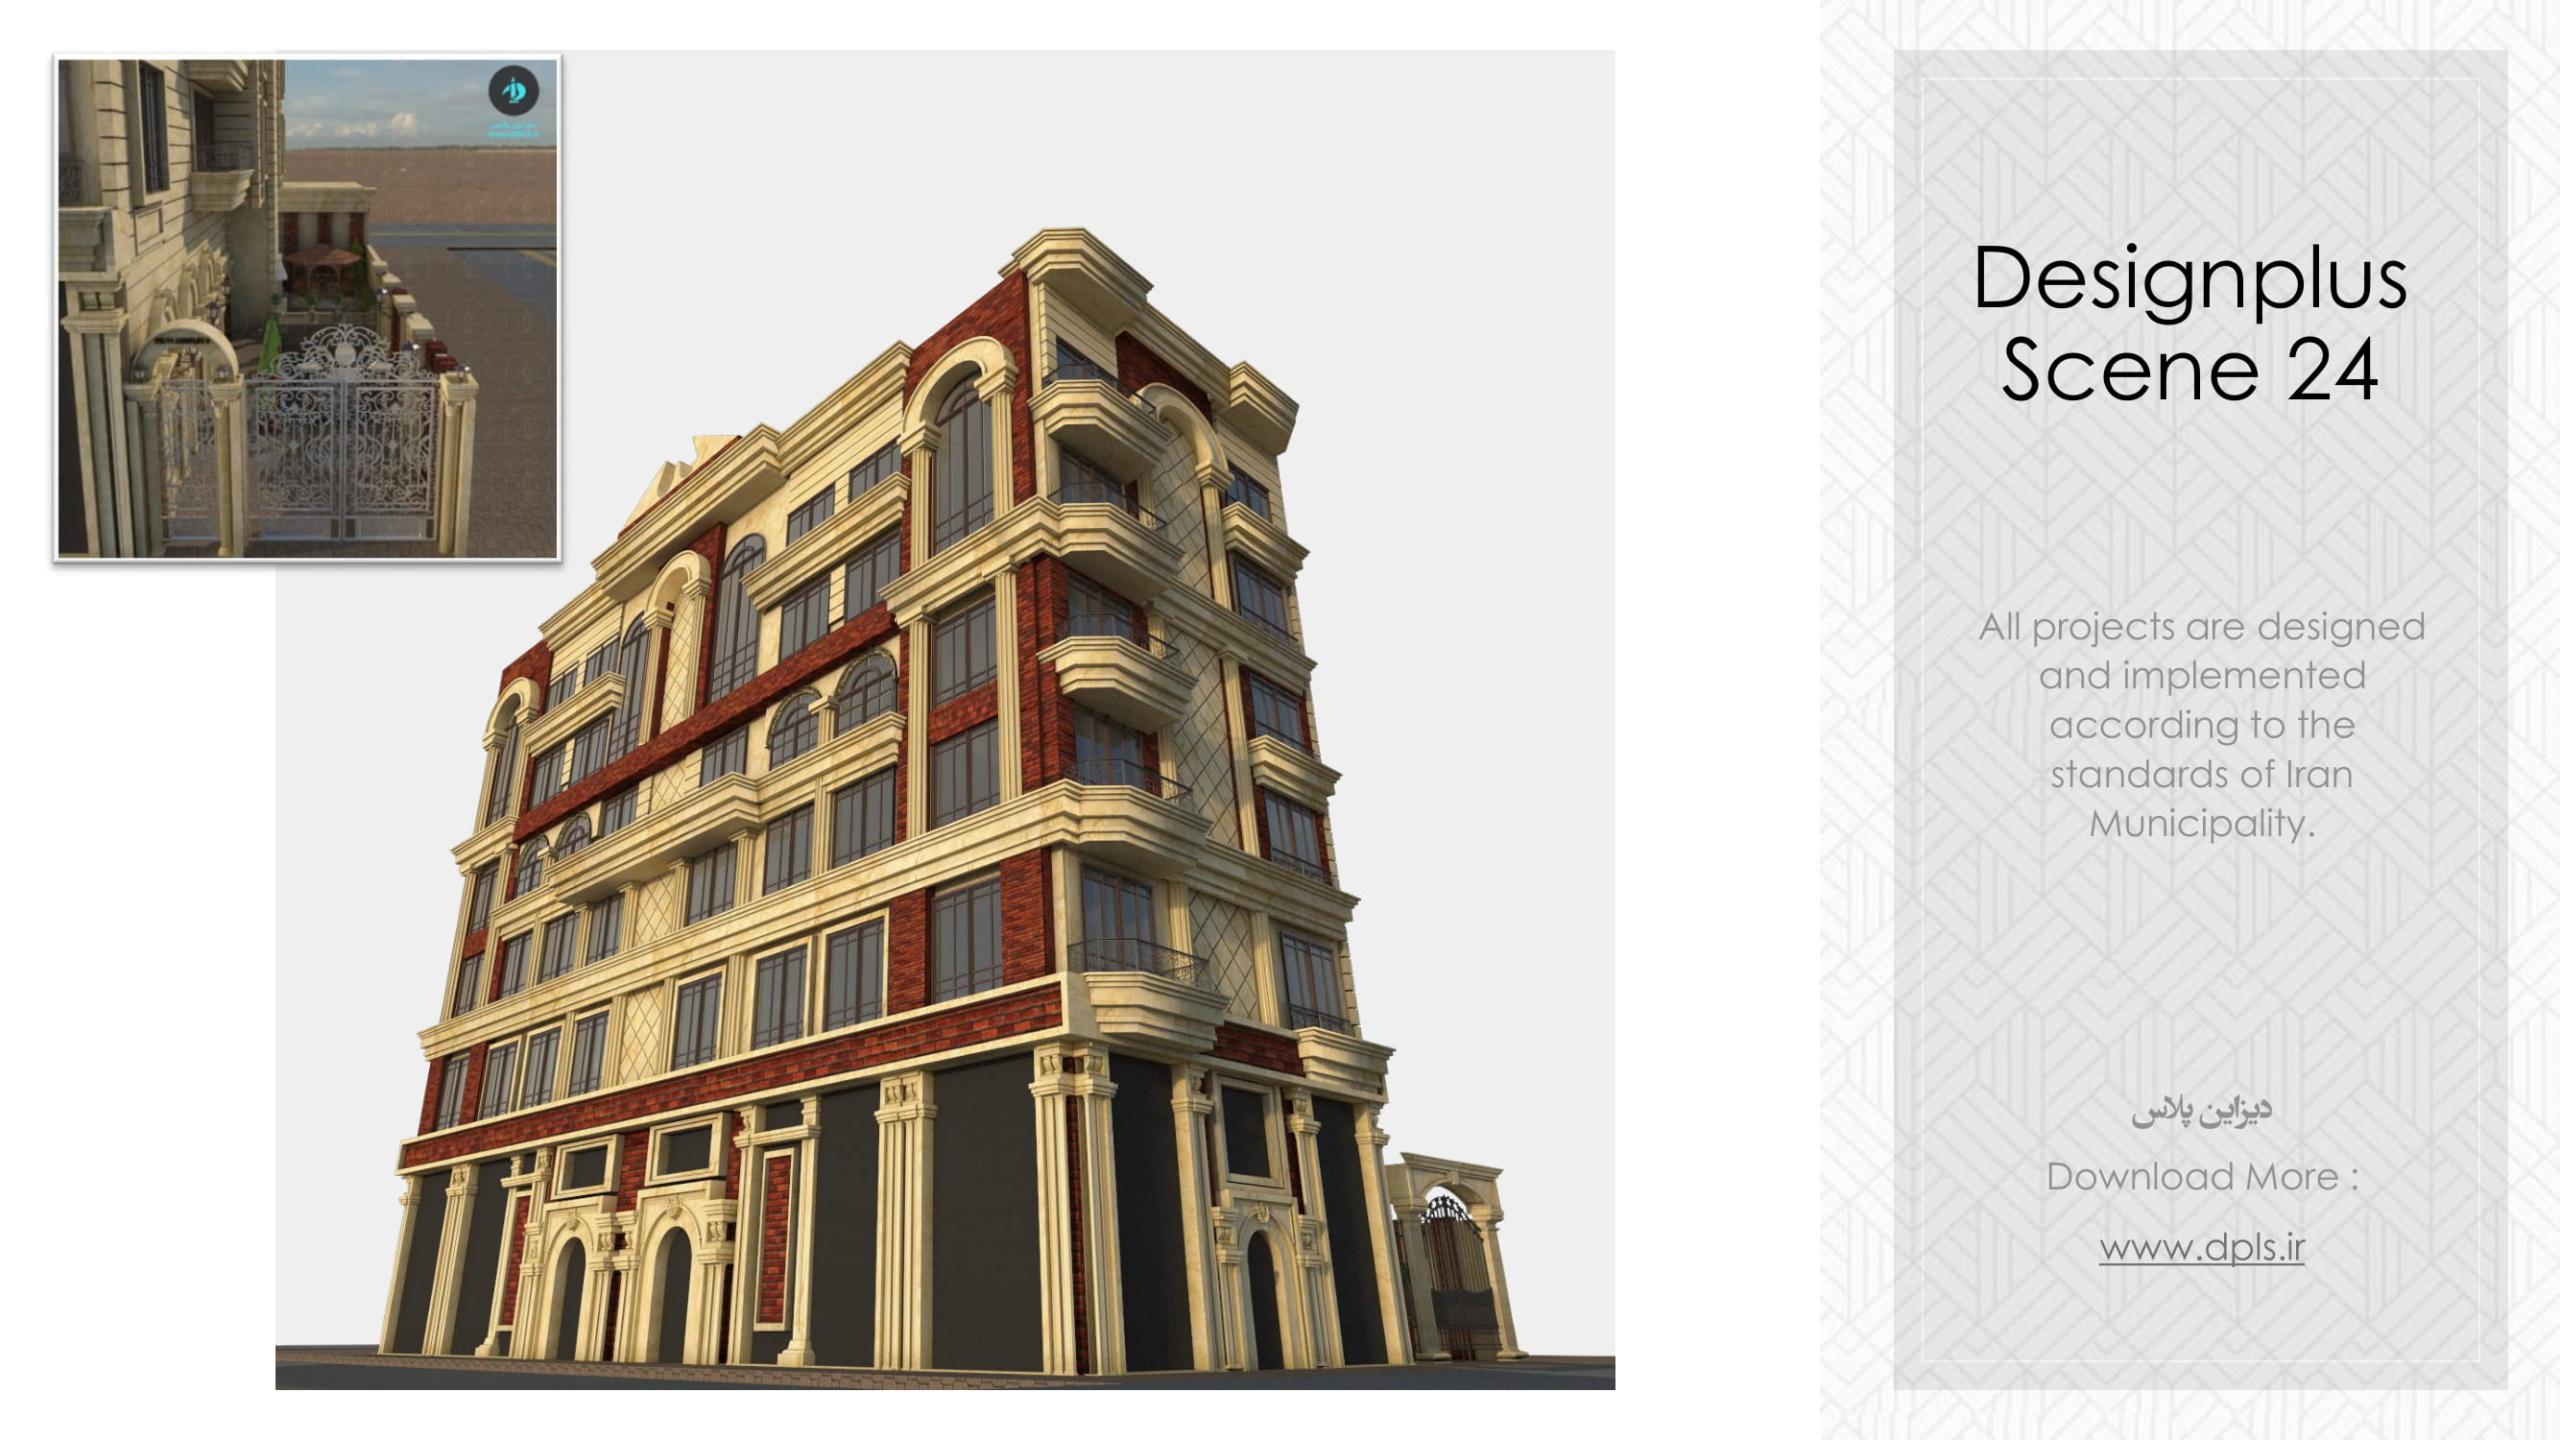 دانلود فایل مکس نما رومی ساختمان 5 scaled - استودیو هنر و معماری دیزاین پلاس